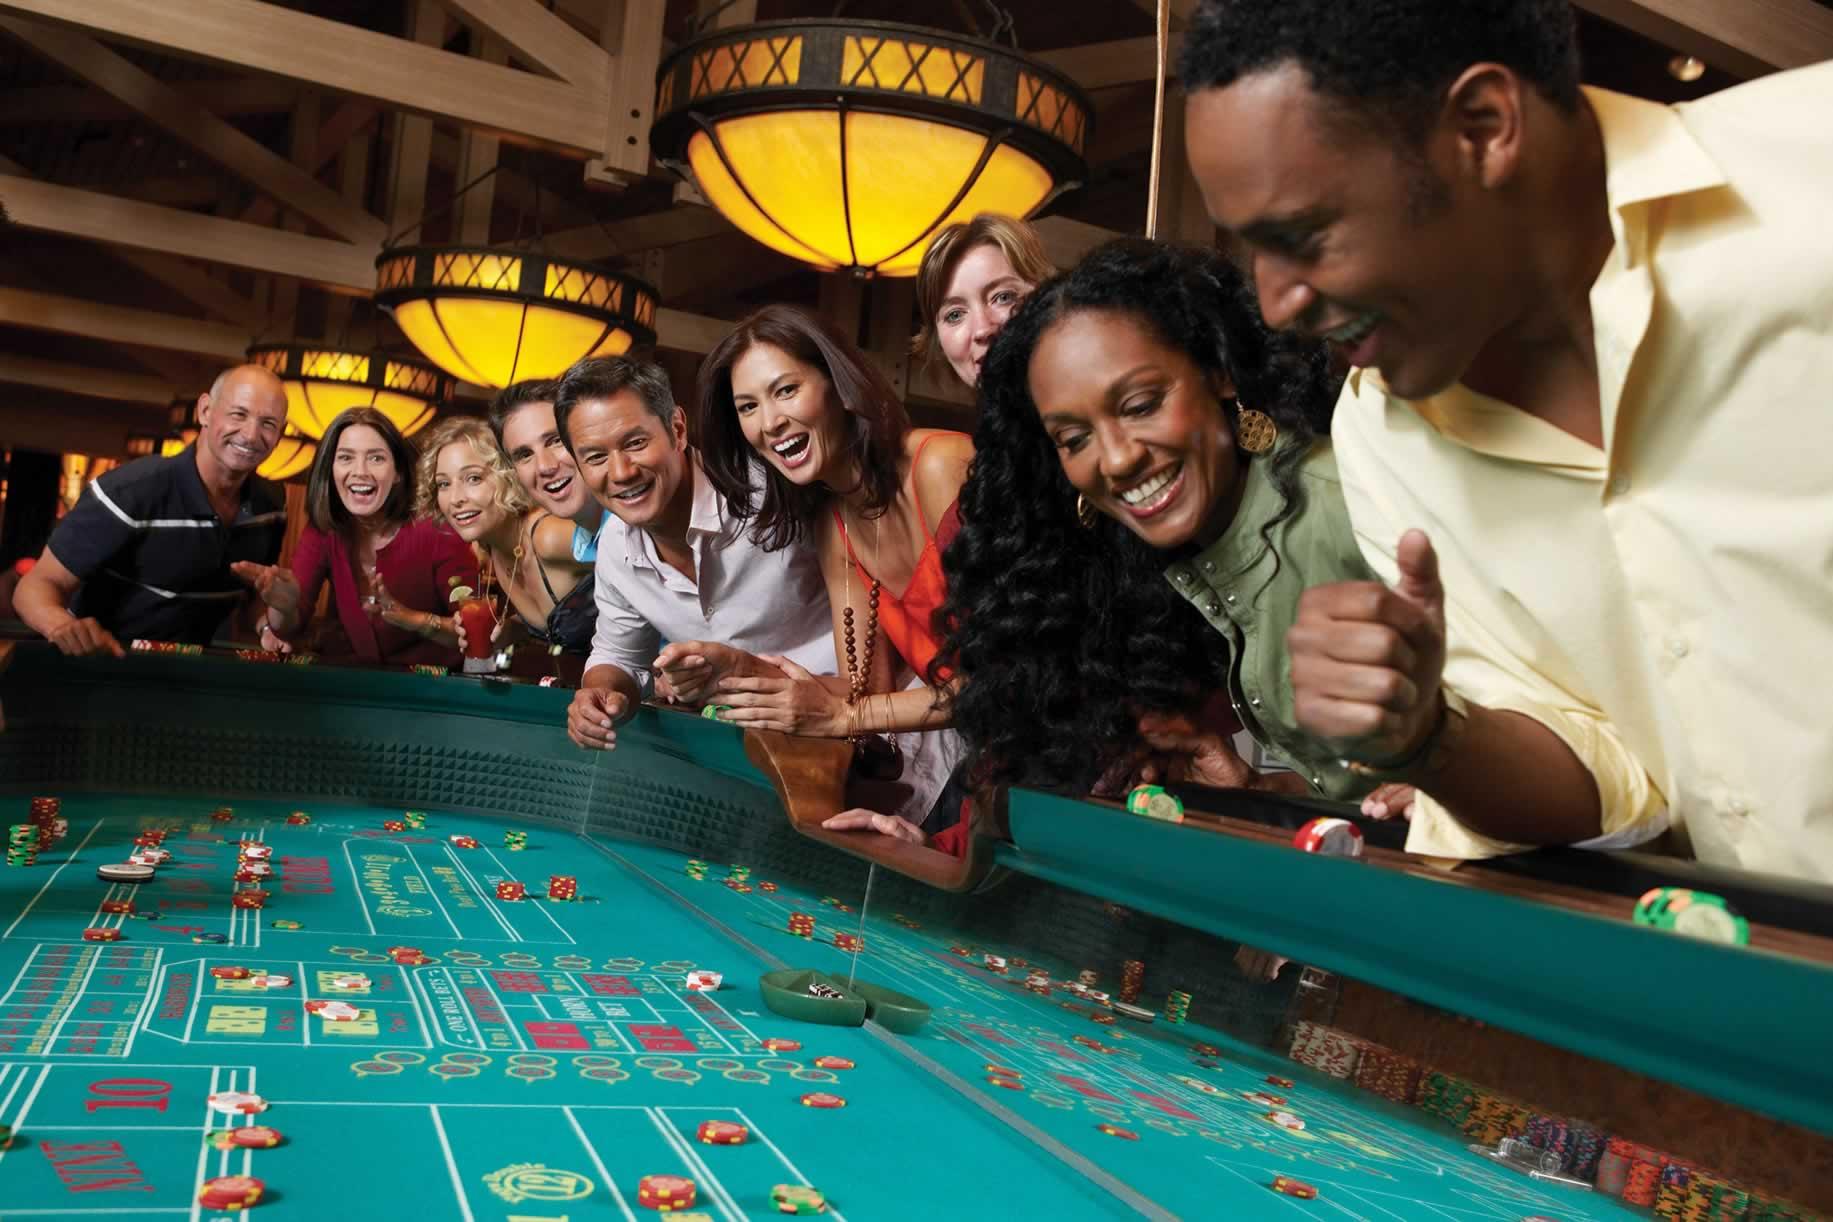 casino-35.jpg